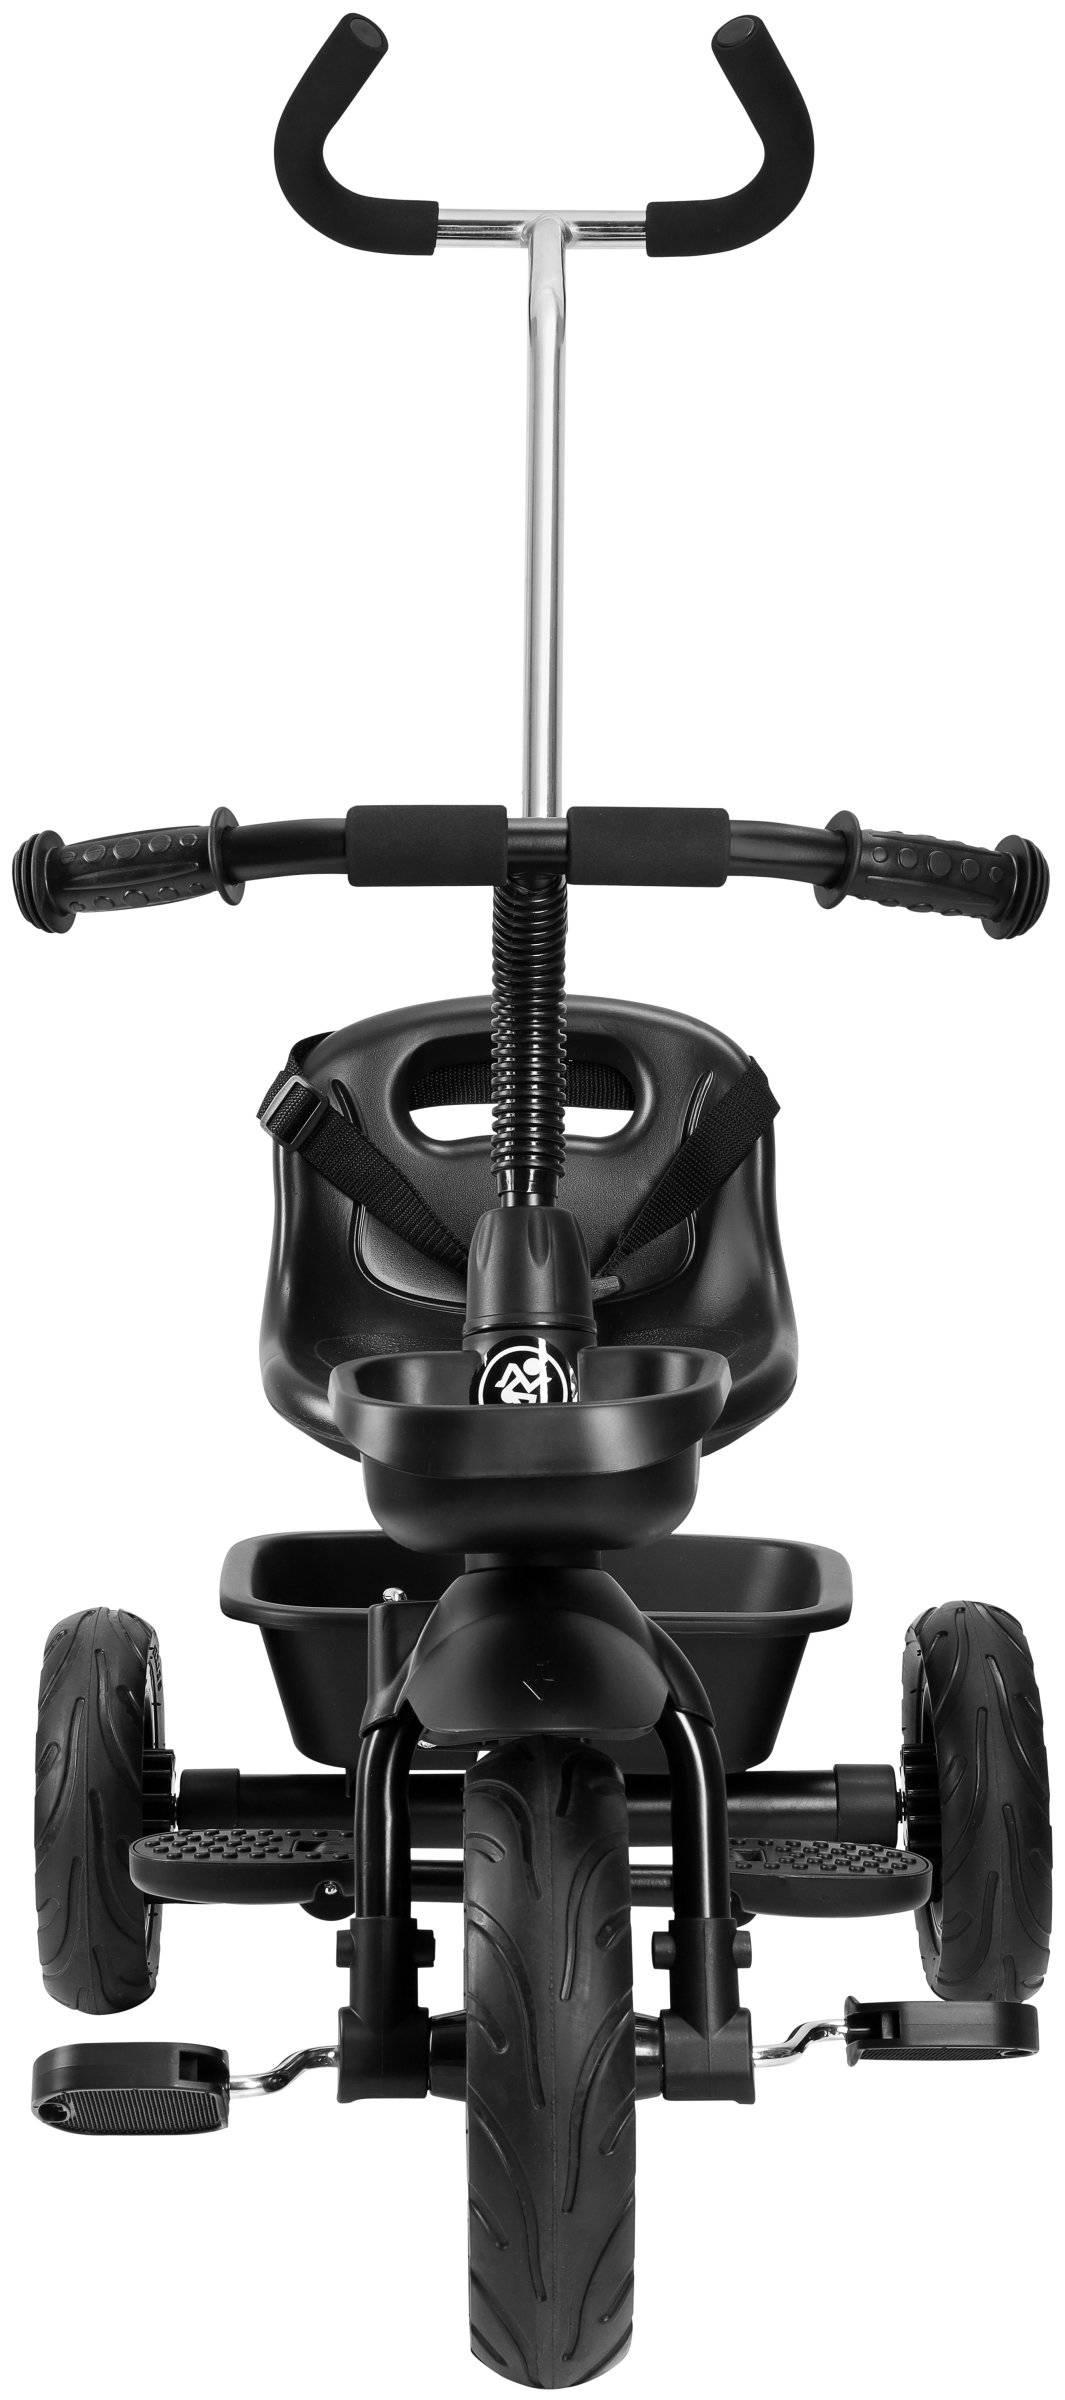 Rowerek trójkołowy HyperMotion TOBI VECTOR - wiecznie pompowane koła + pchacz. Kolor: czarny.